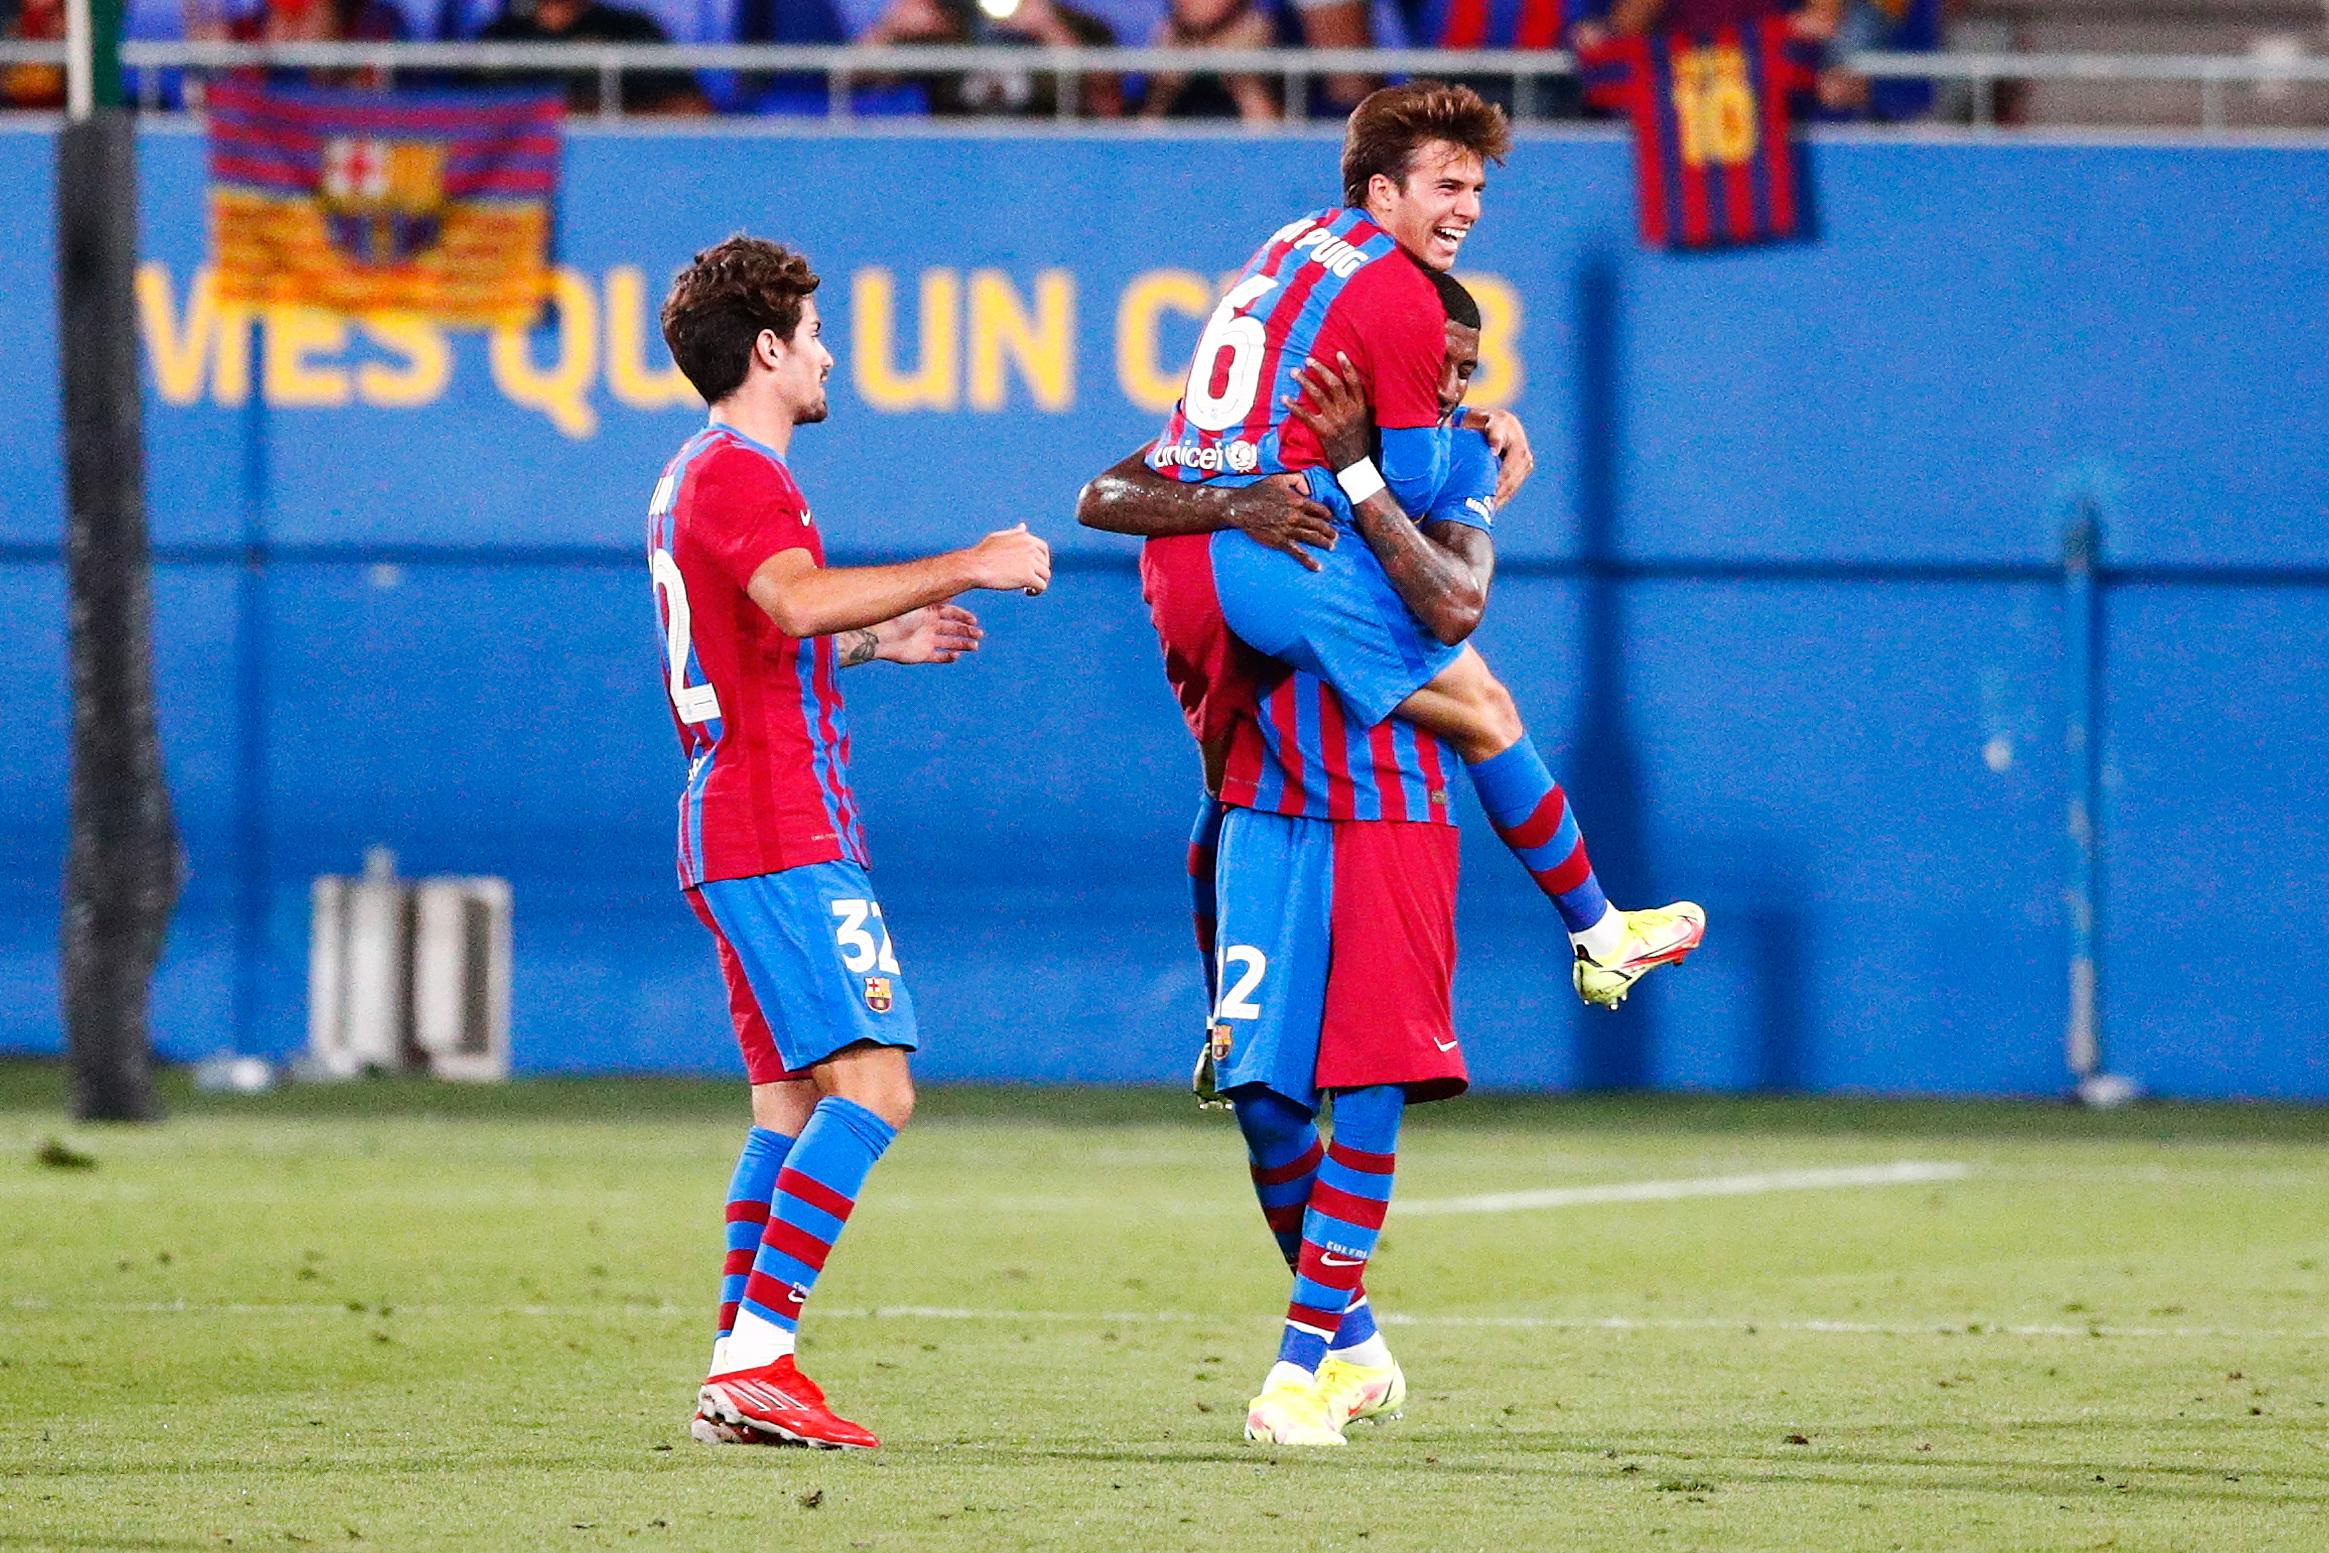 هدف برشلونة الثالث في مرمى يوفنتوس 3-0 كأس خوان جامبر